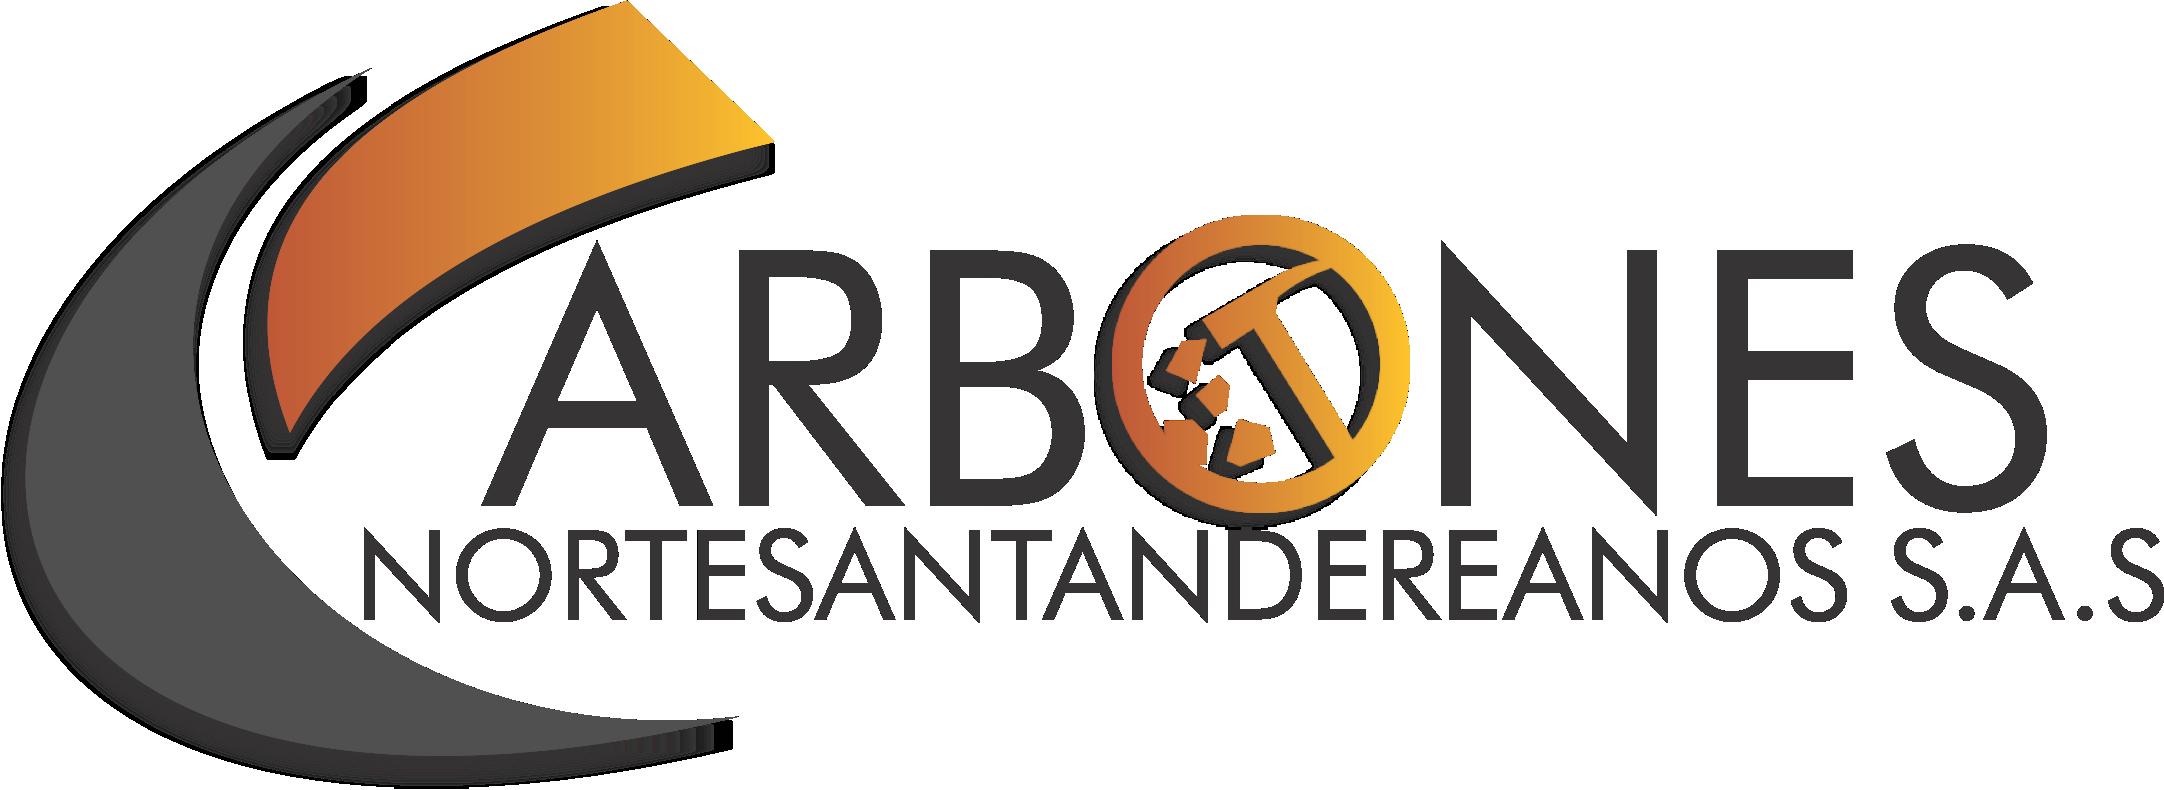 Carbones nortesantandereanos S.A.S